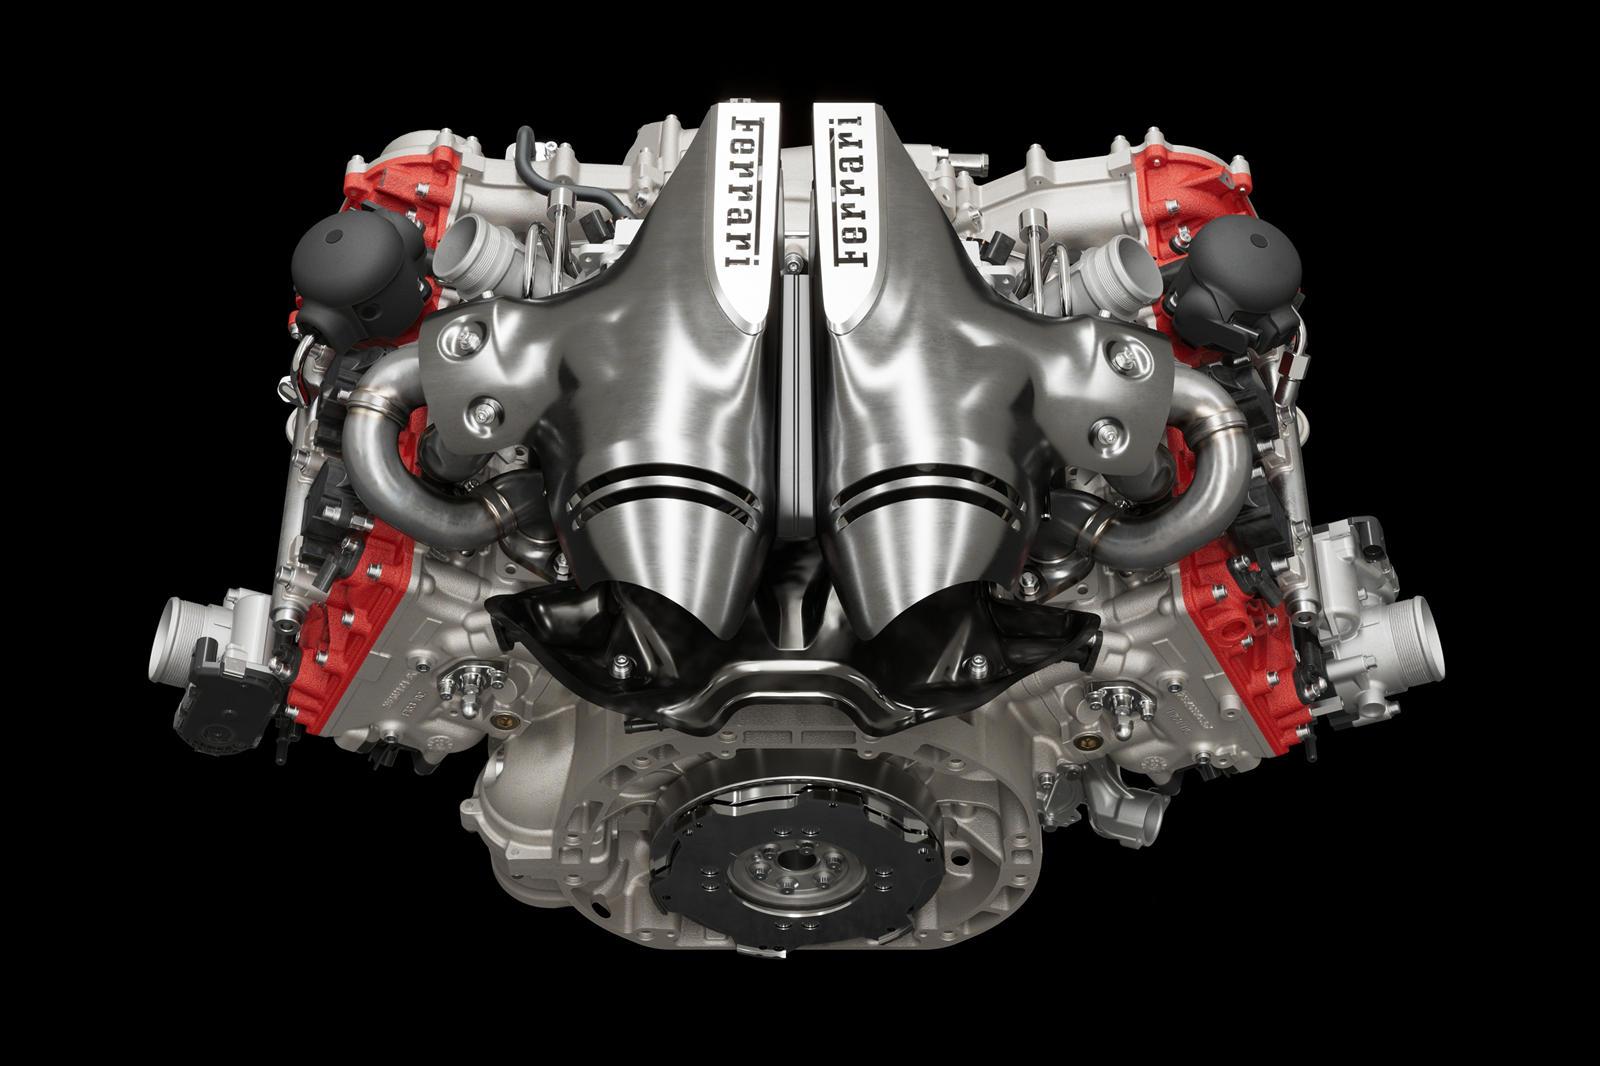 động-cơ-v6-trên-siêu-xe-Ferrari-296-GTB-có-gì-đặc-biệt (2).jpg